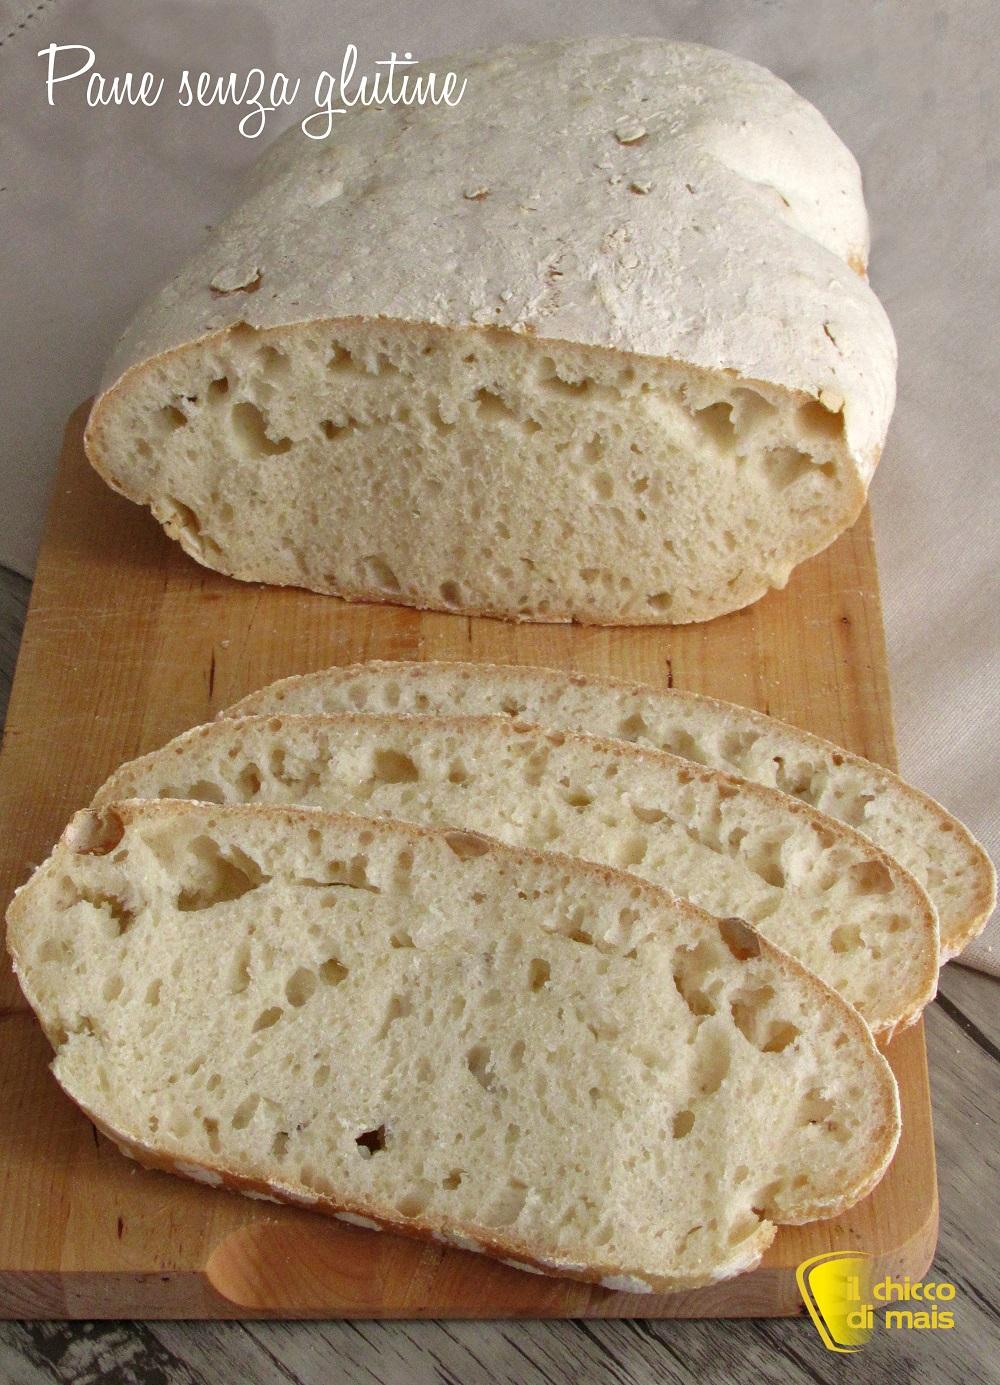 verticale_pane senza glutine con farina revolution ricetta il chicco di mais